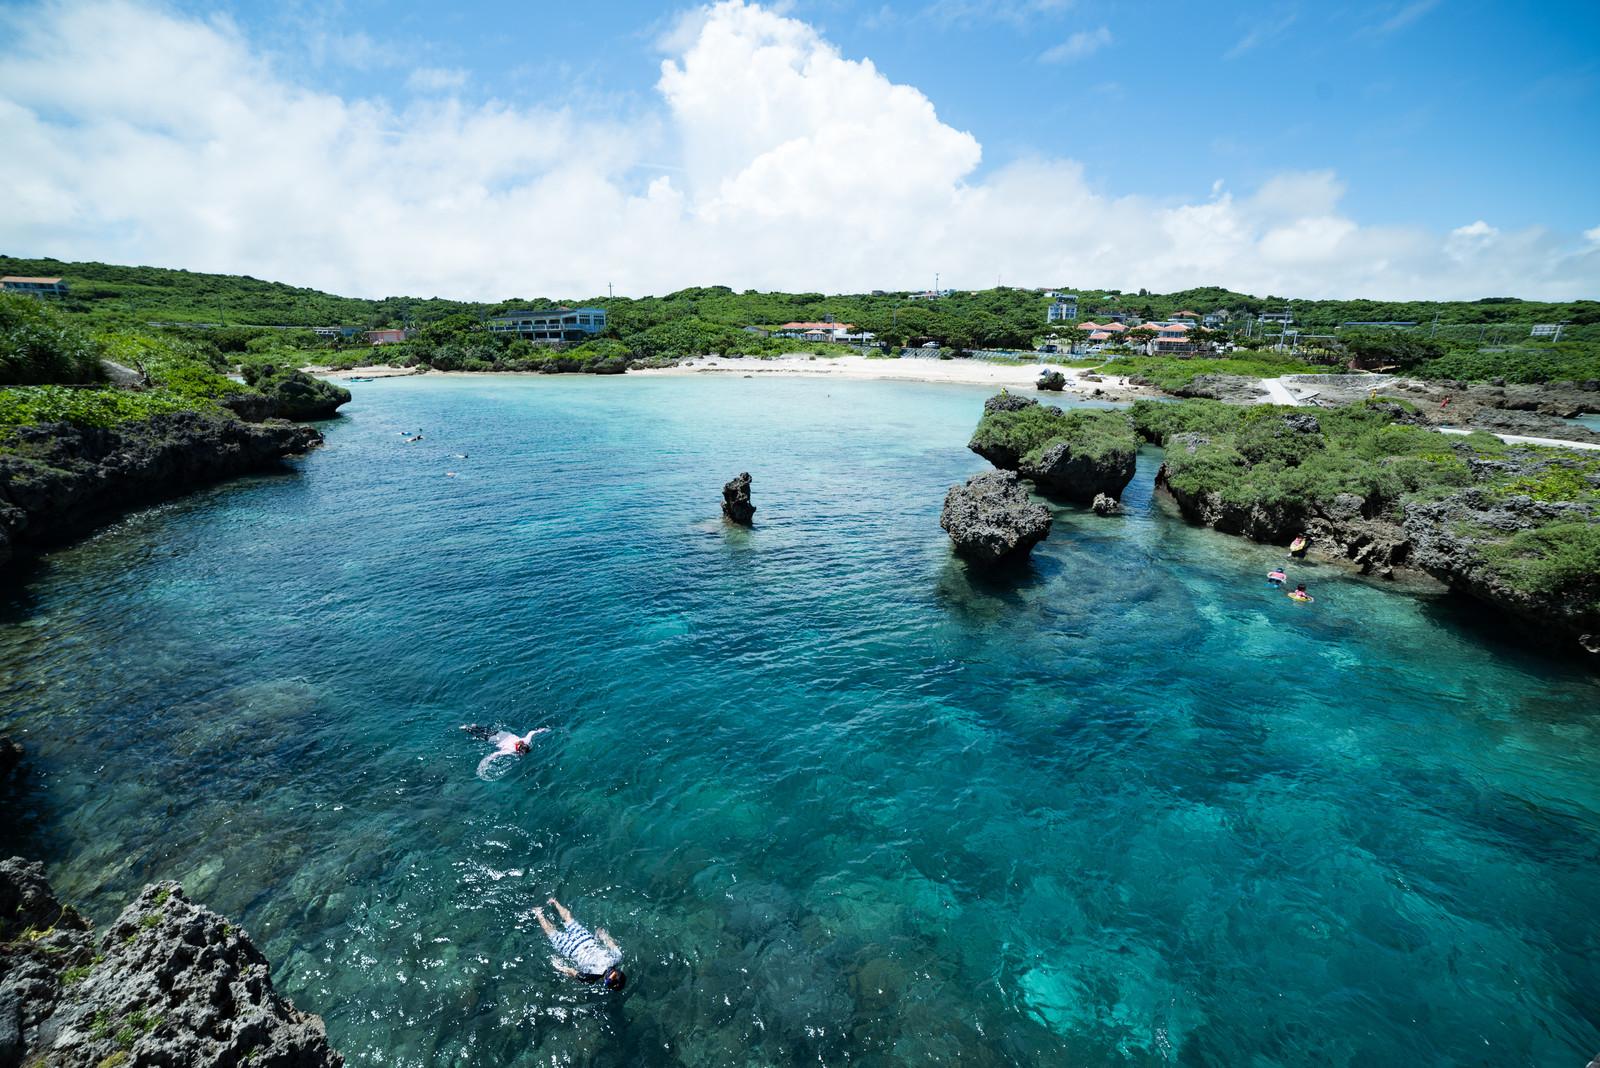 真栄田岬でシュノーケルやダイビングを満喫!青の洞窟など絶景スポットも人気